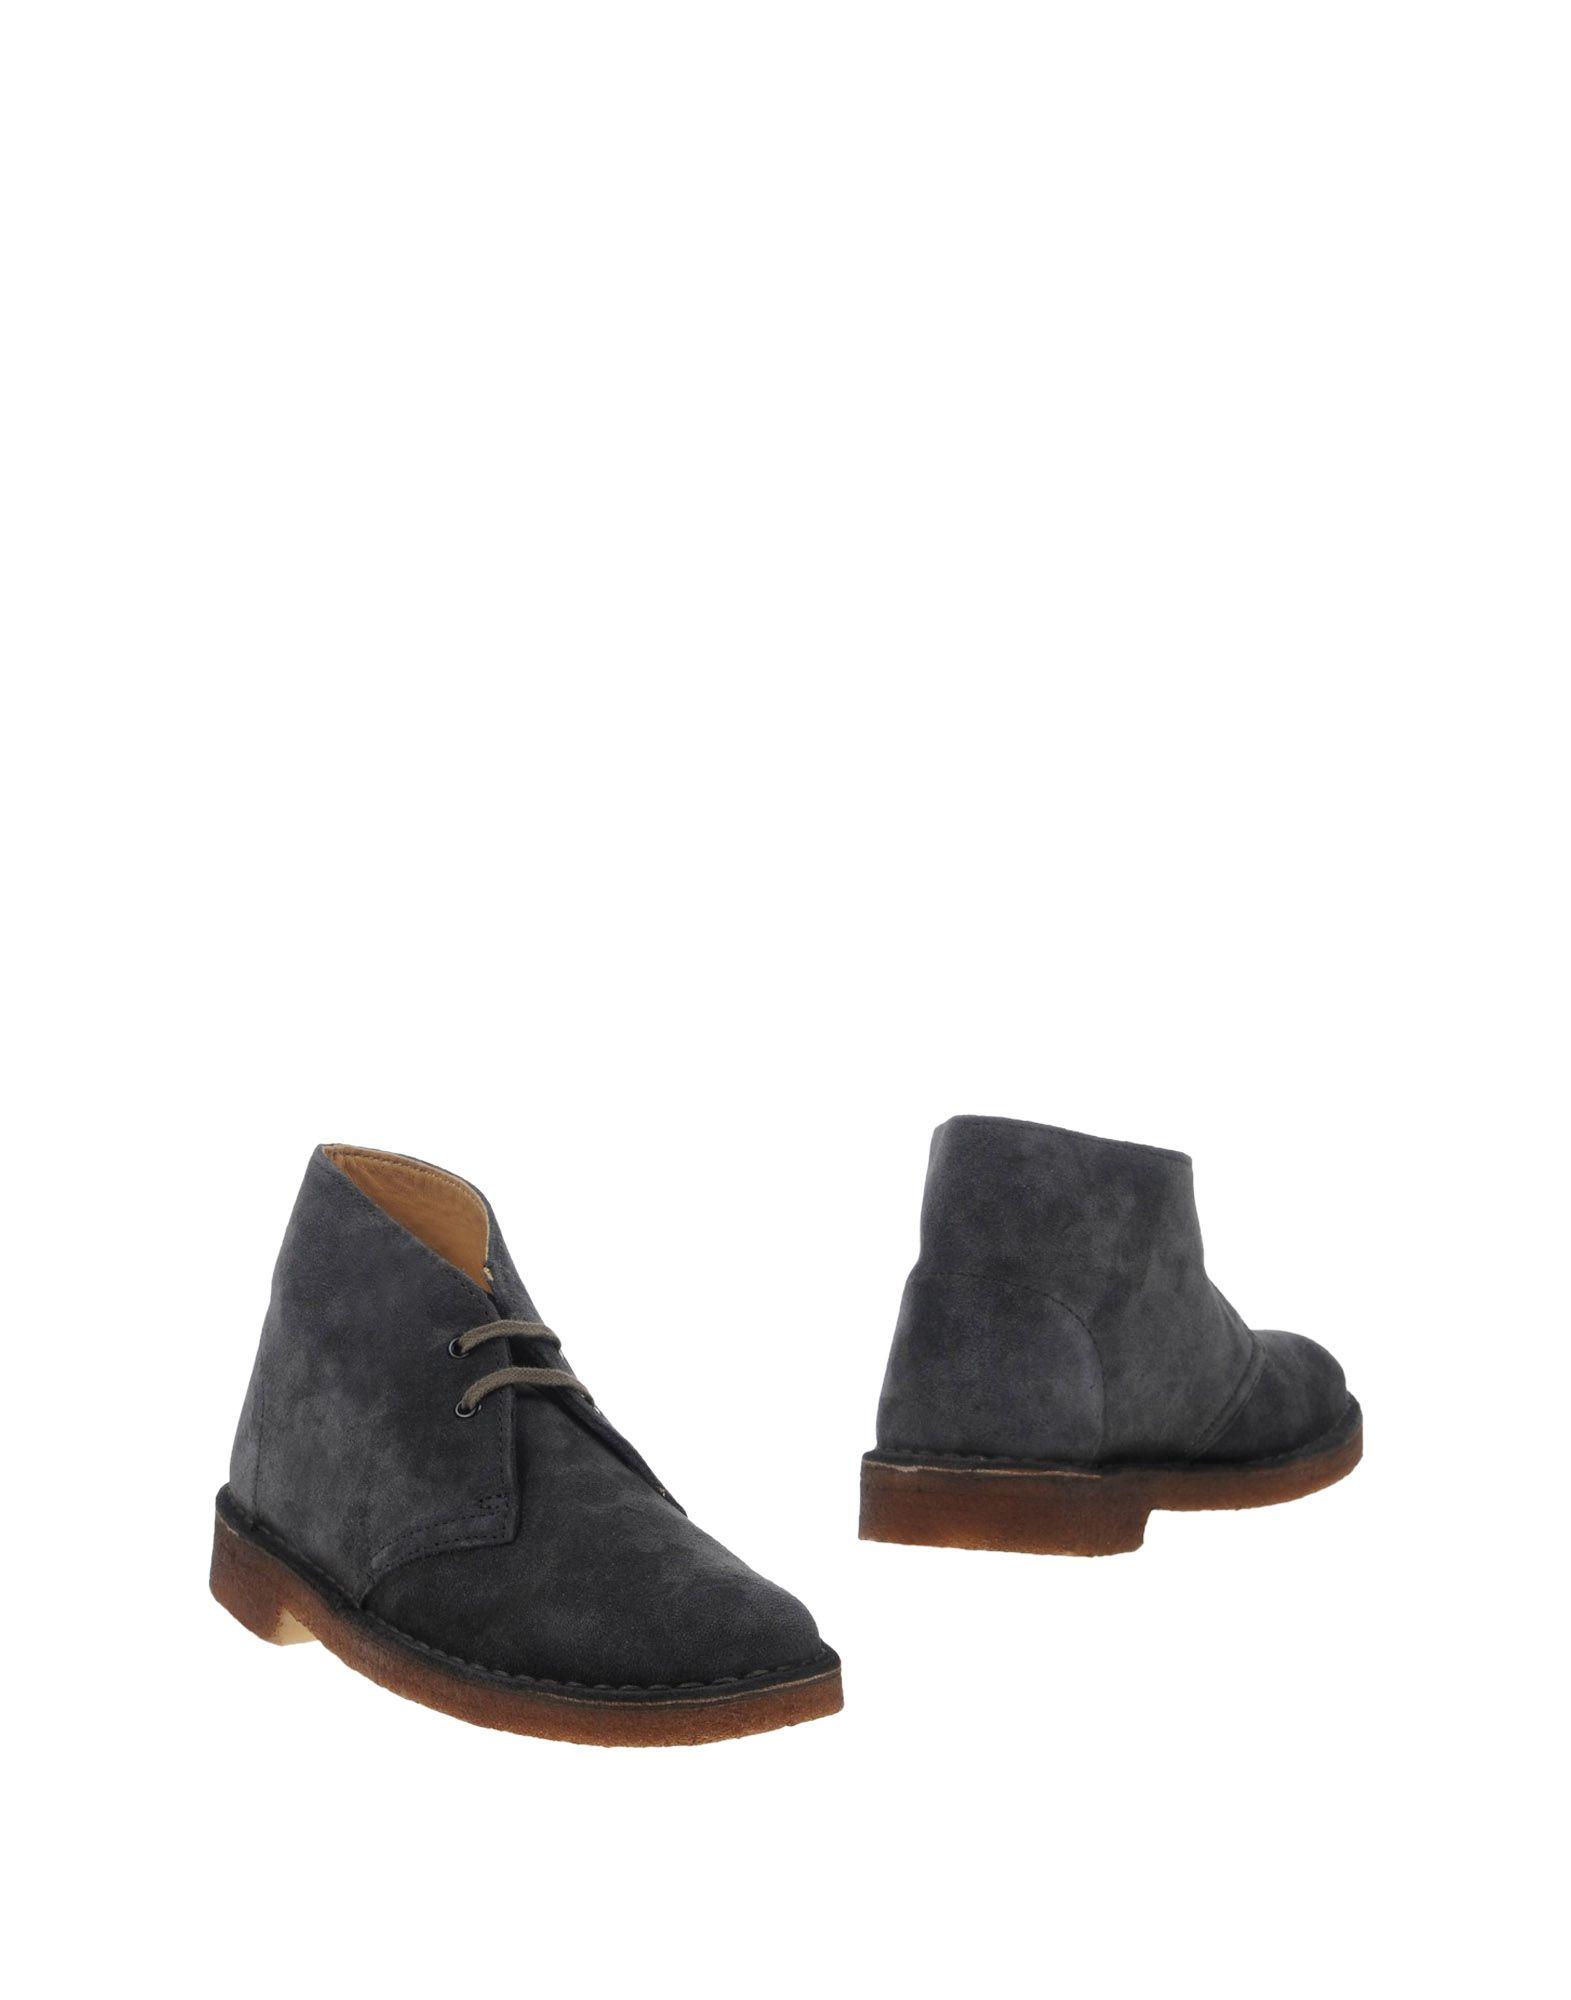 Clarks Originals Stiefelette Damen  11261695XK Gute Qualität beliebte Schuhe